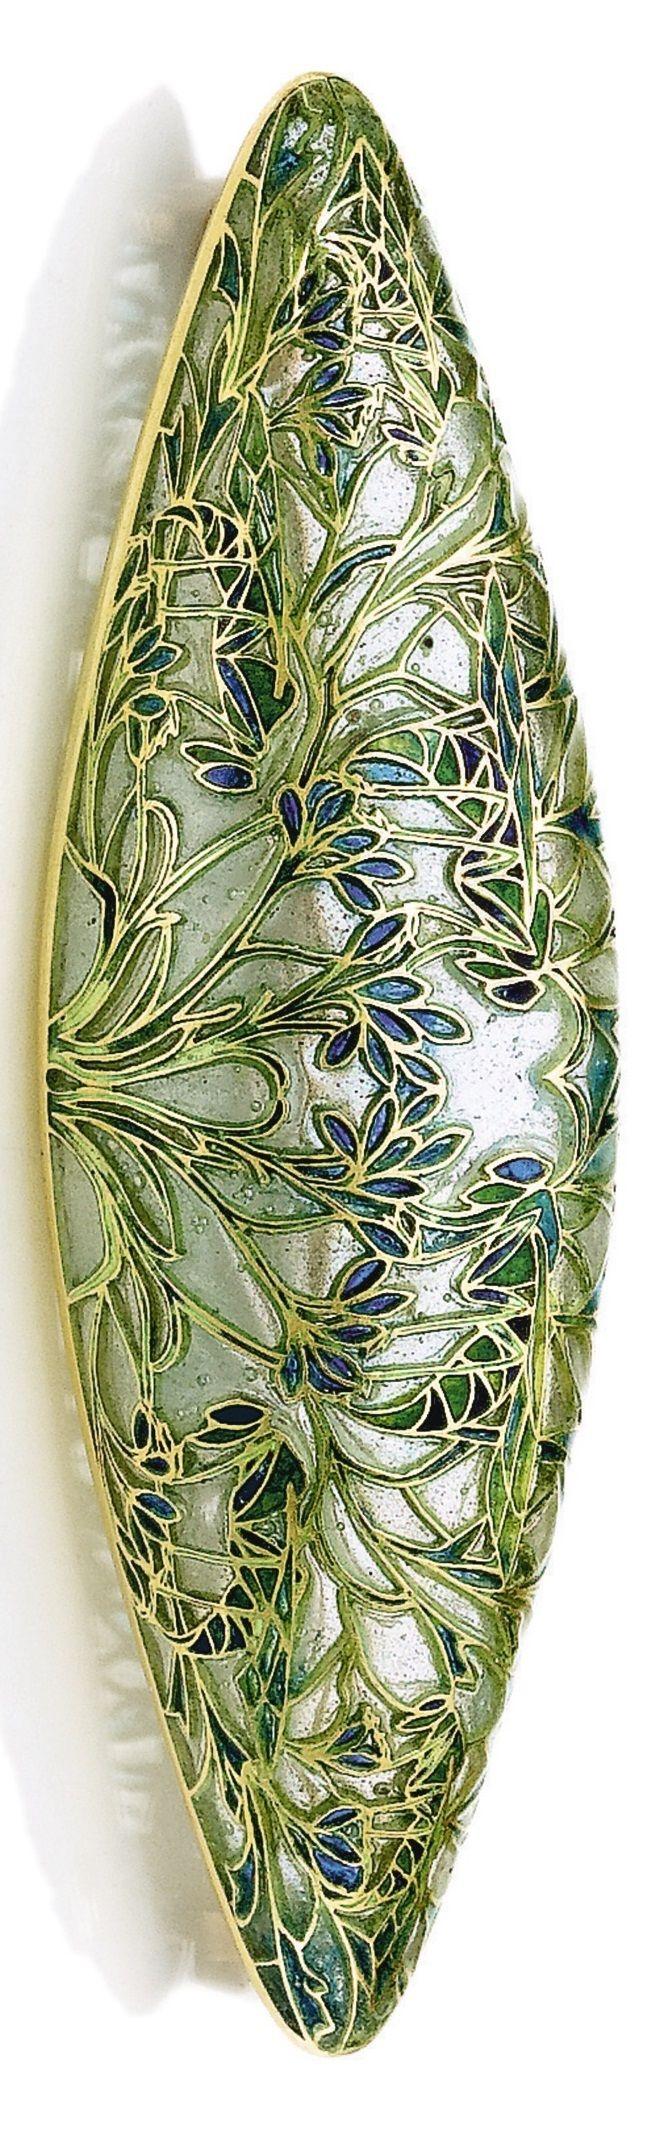 René Lalique - An Art Nouveau gold and plique-à-jour enamel brooch, 1904-06. Depicting grasshoppers in branches. Signed. 6.7 x 2.2 cm. #Lalique #ArtNouveau #brooch